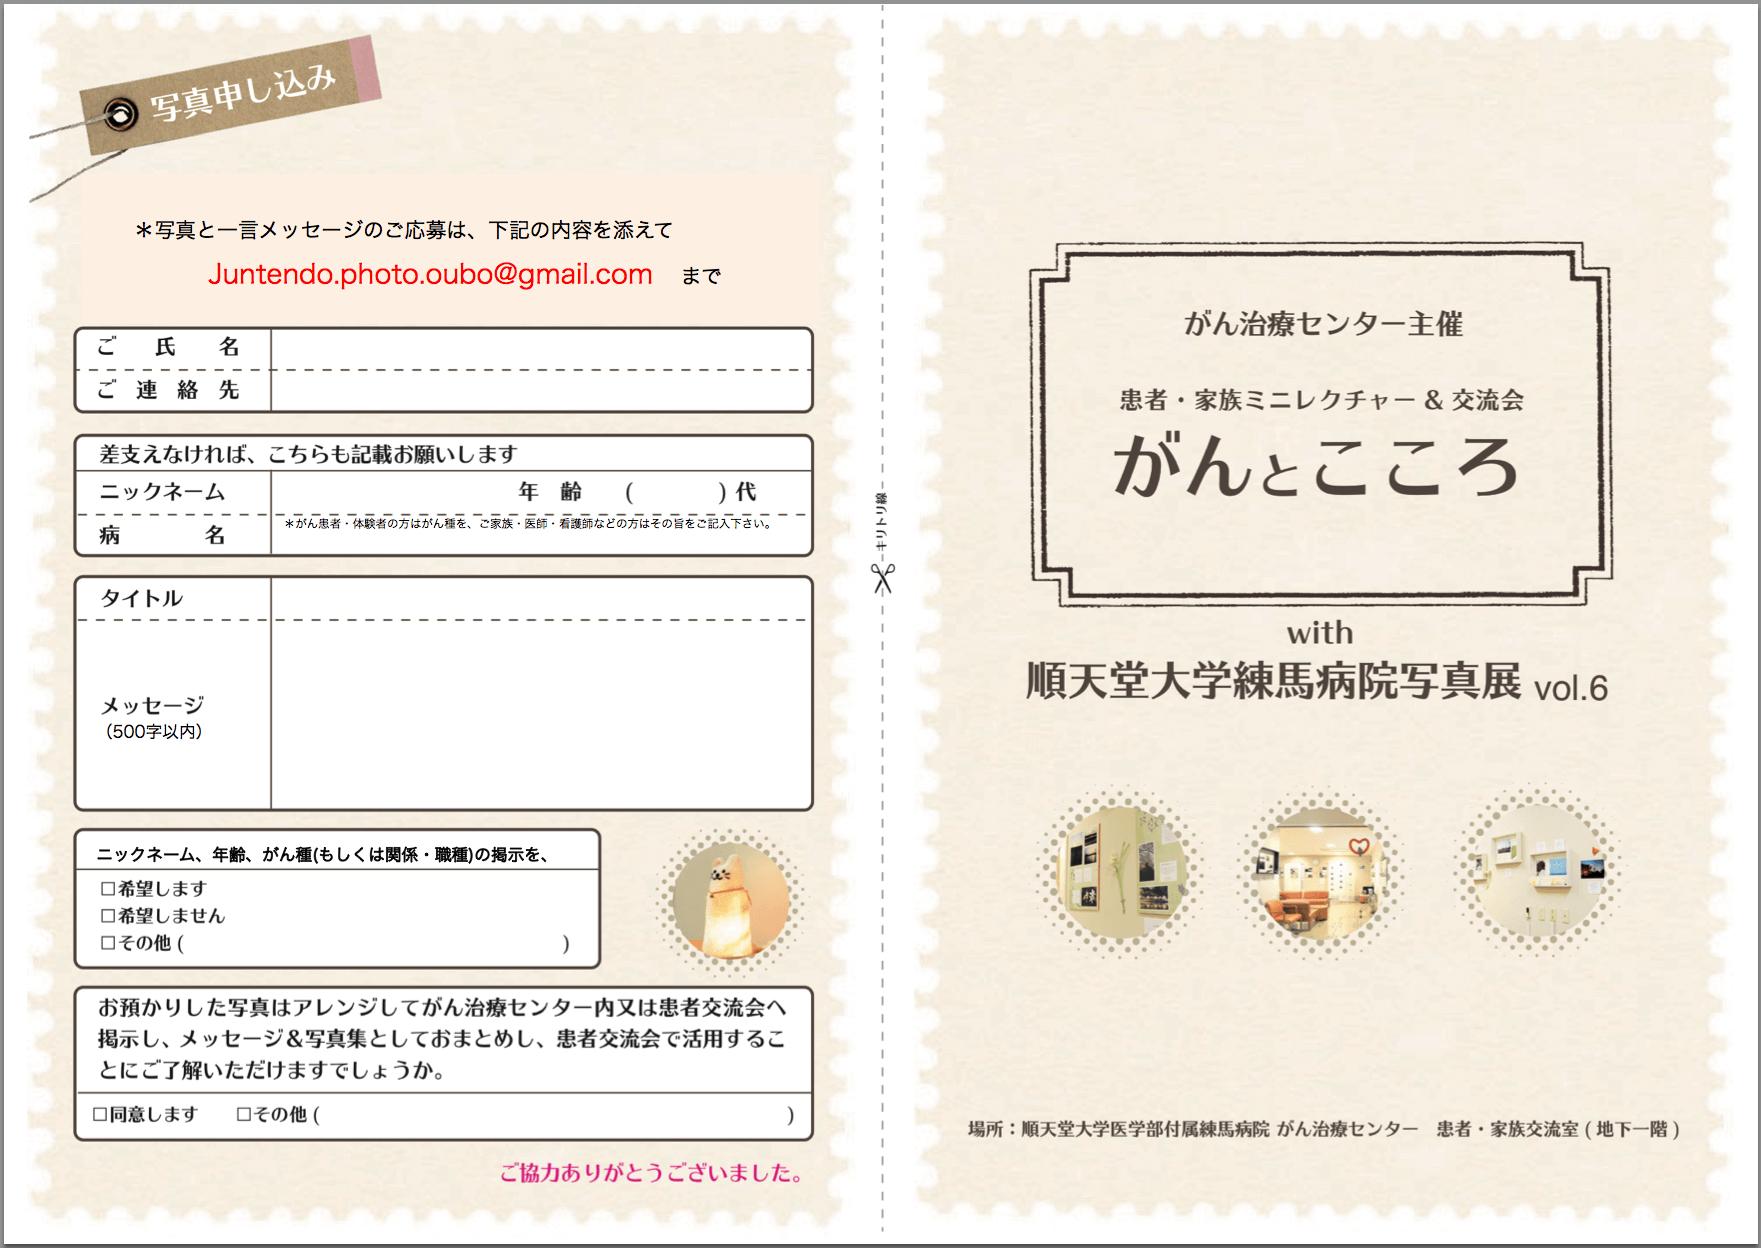 順天堂写真展 vol.6 a